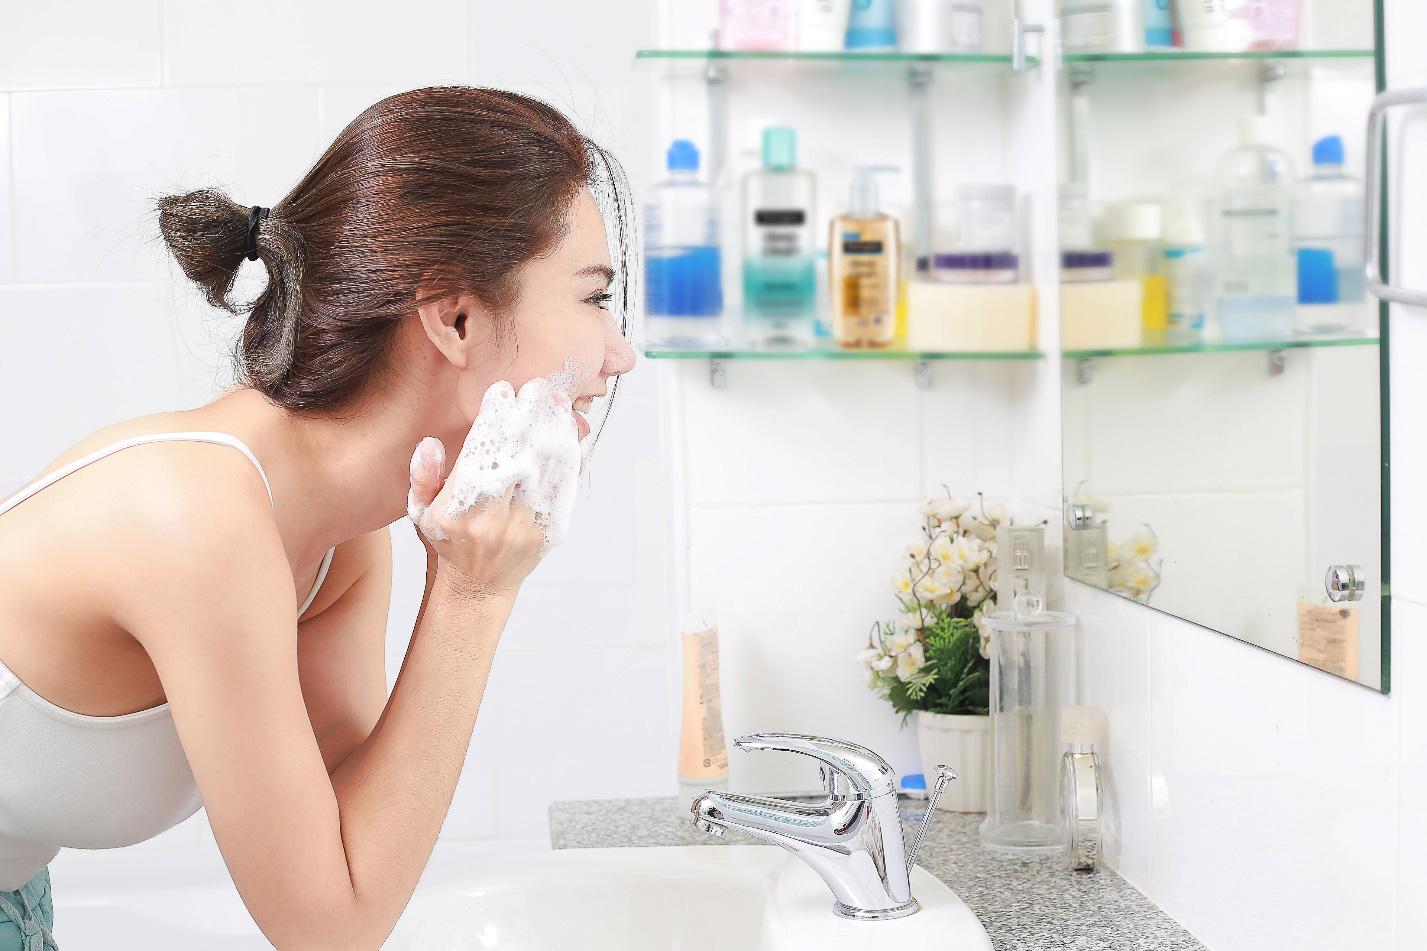 """""""Team yêu da"""" hiến kế rửa trôi bụi mịn: Giải pháp khoa học giúp làn da đối phó với ô nhiễm - Ảnh 3."""